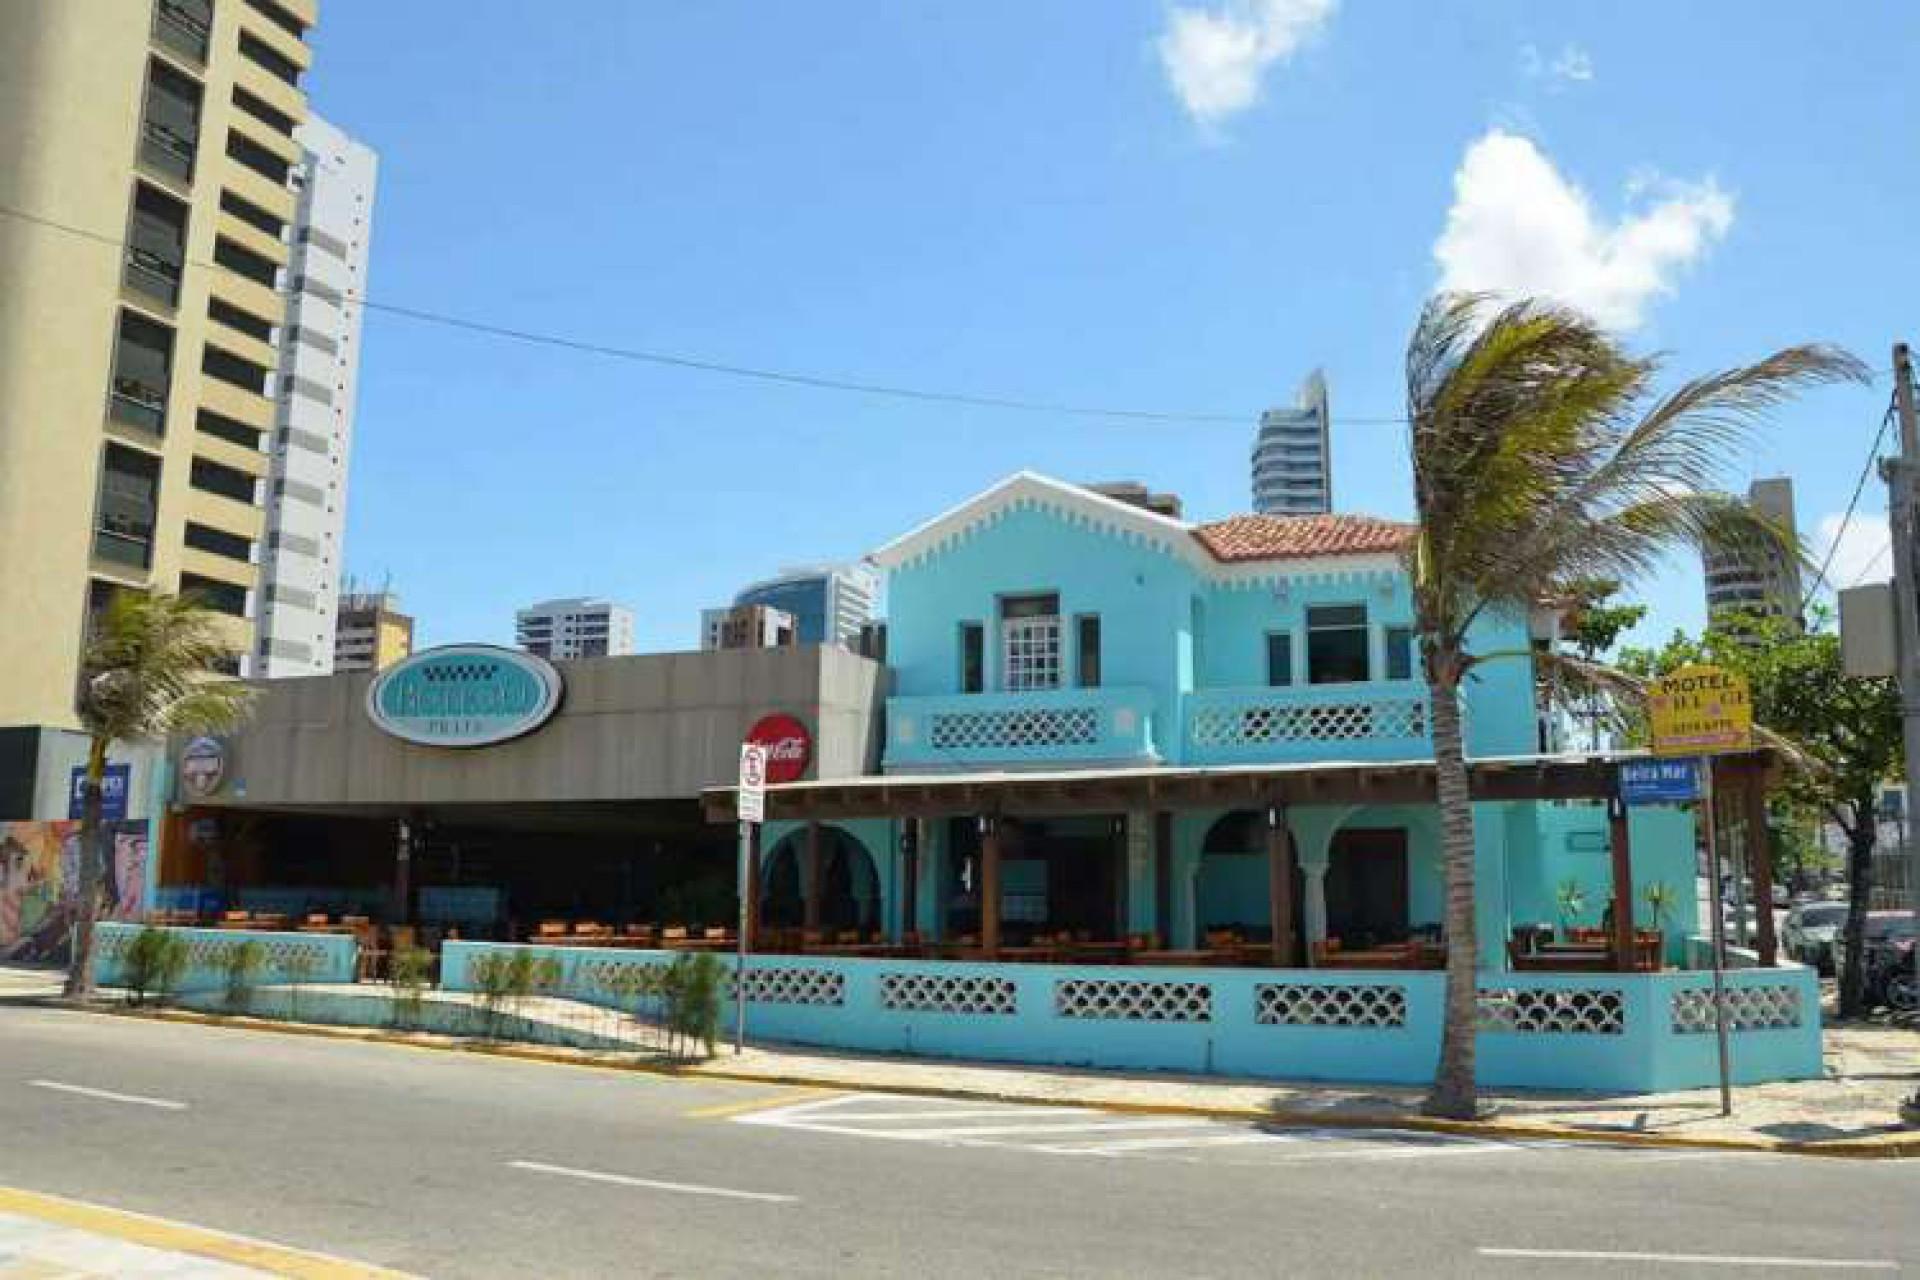 (Foto: Adriano Accioly/Nossa Praça Urgente)Casa do antigo Boteco Praia pertenceu à família do senador Carlos Jereissati